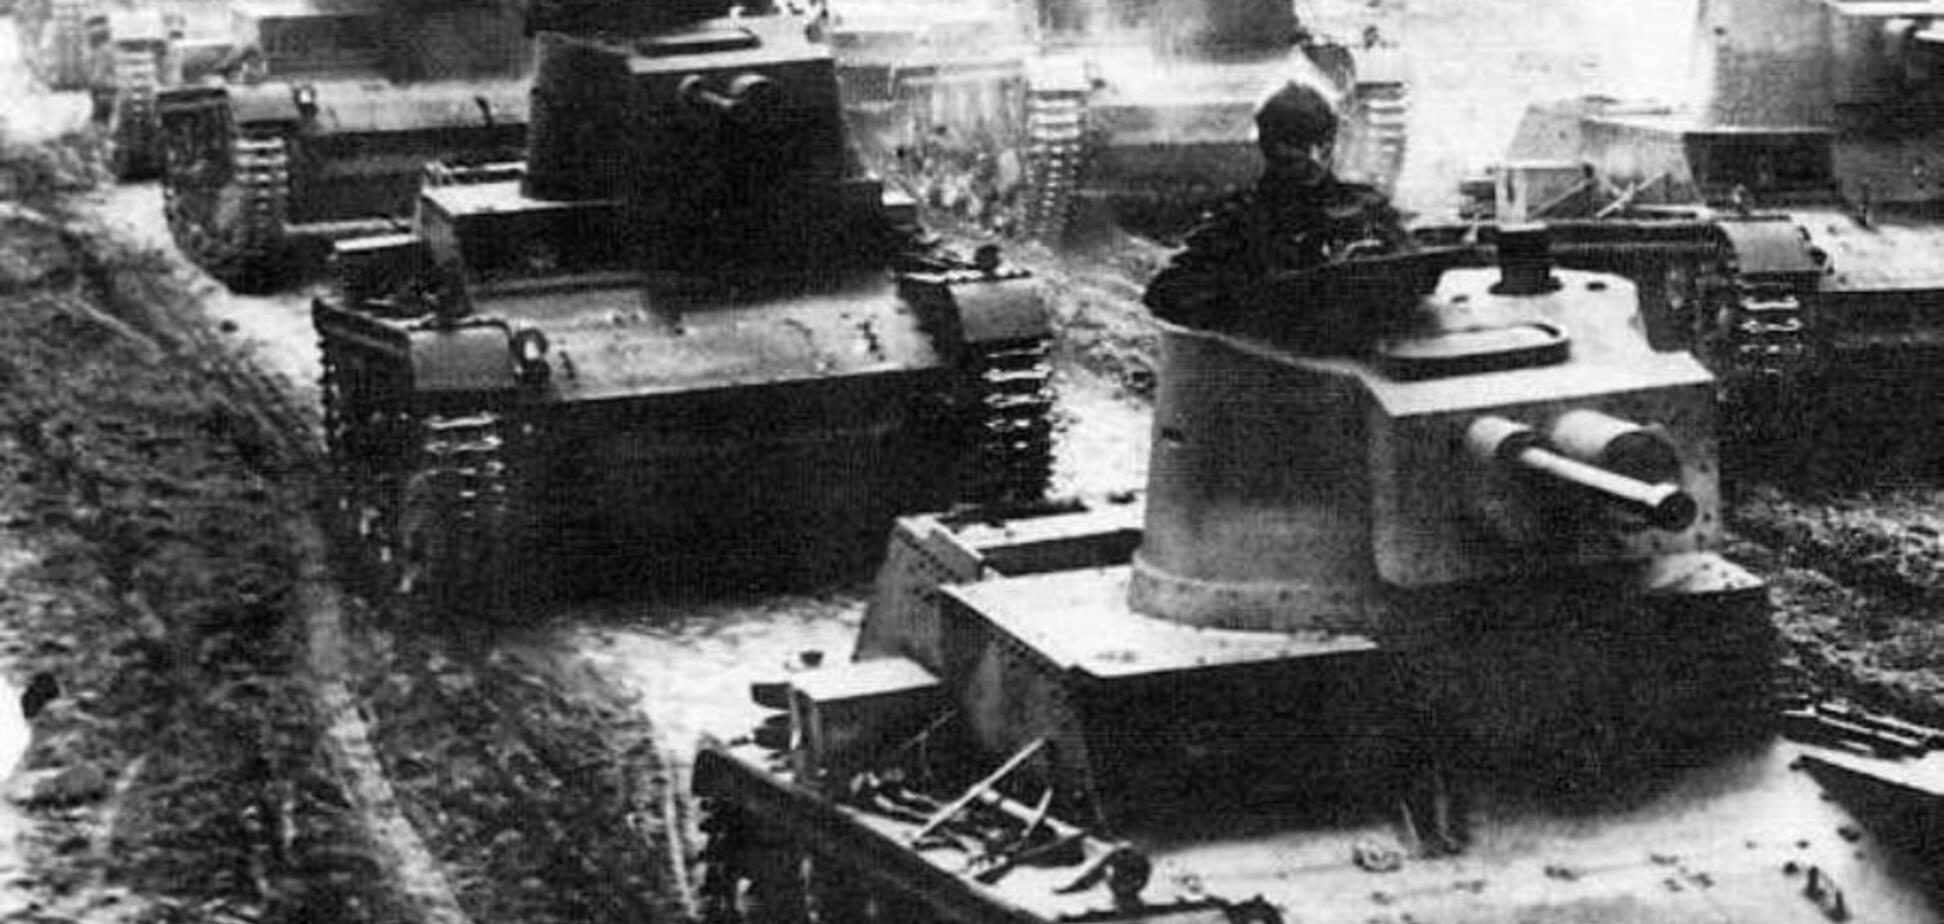 Почему Сталин не отмечал 'День Победы', а войну считал проигранной?